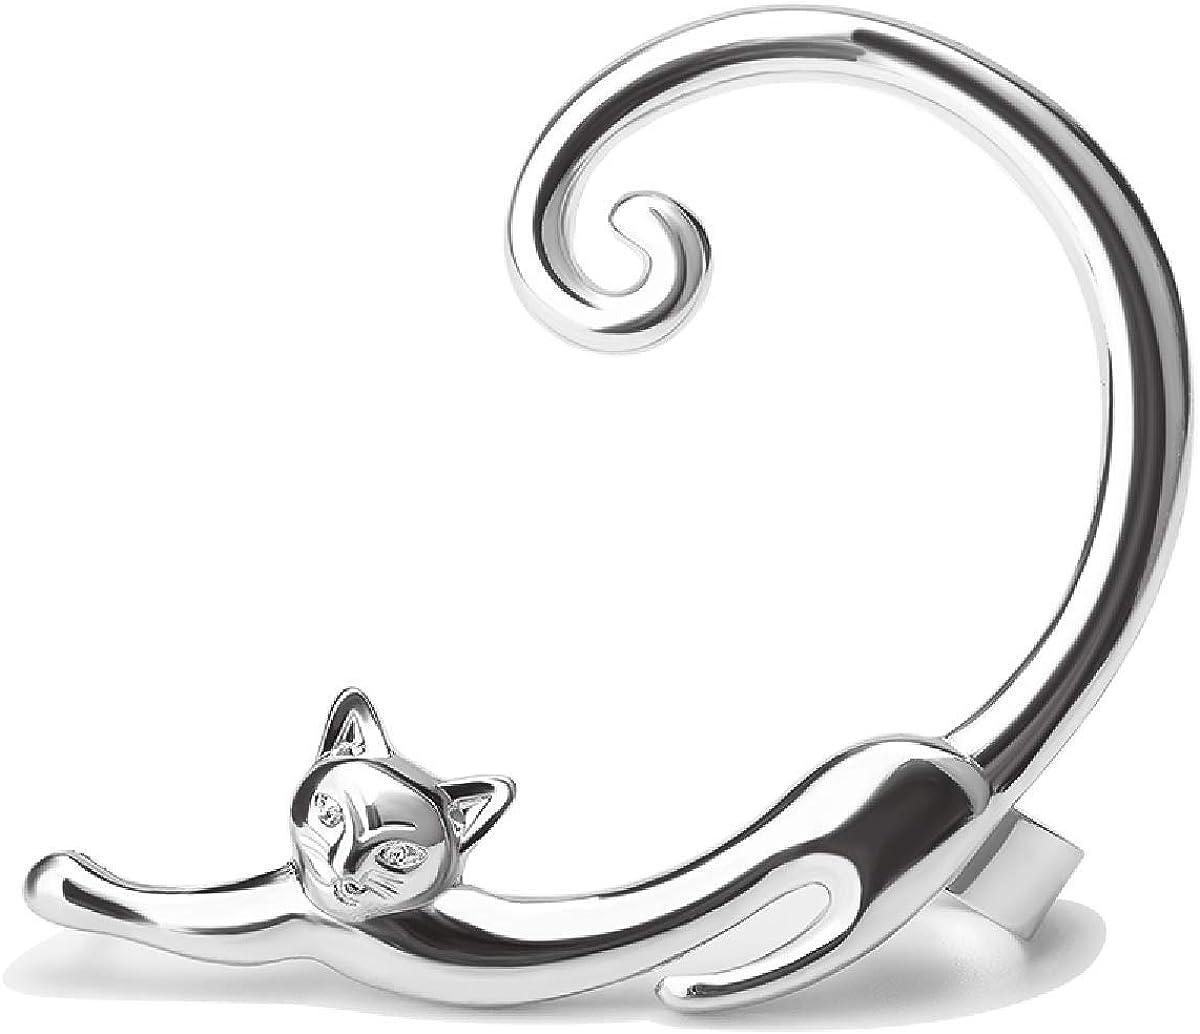 Cute Animal Cat Ear Cuff Earrings Kitty Kitten Clip On Stud Wrap Earrings Jewelry for Women and Girls Party Accessories